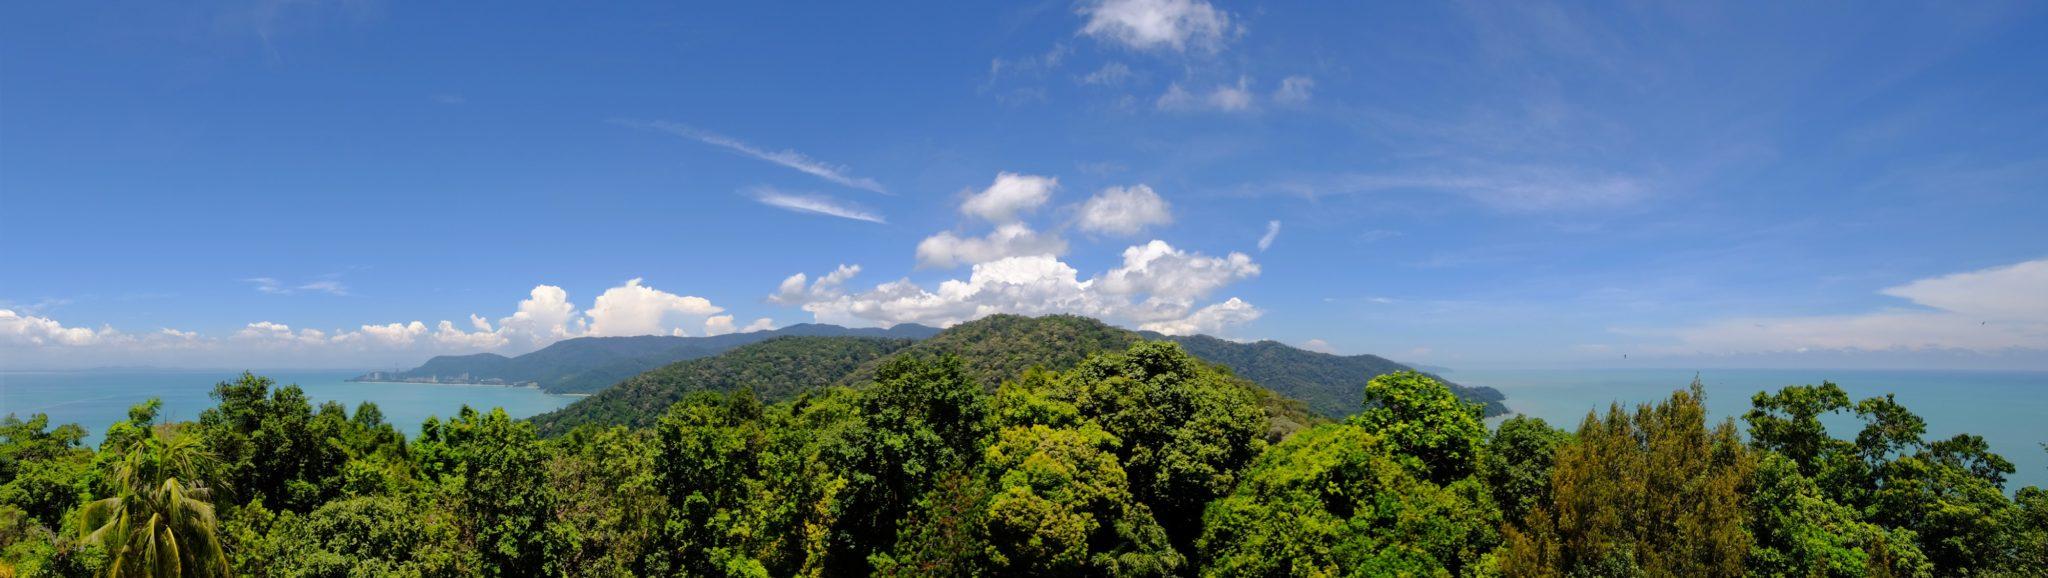 Národní park Penang